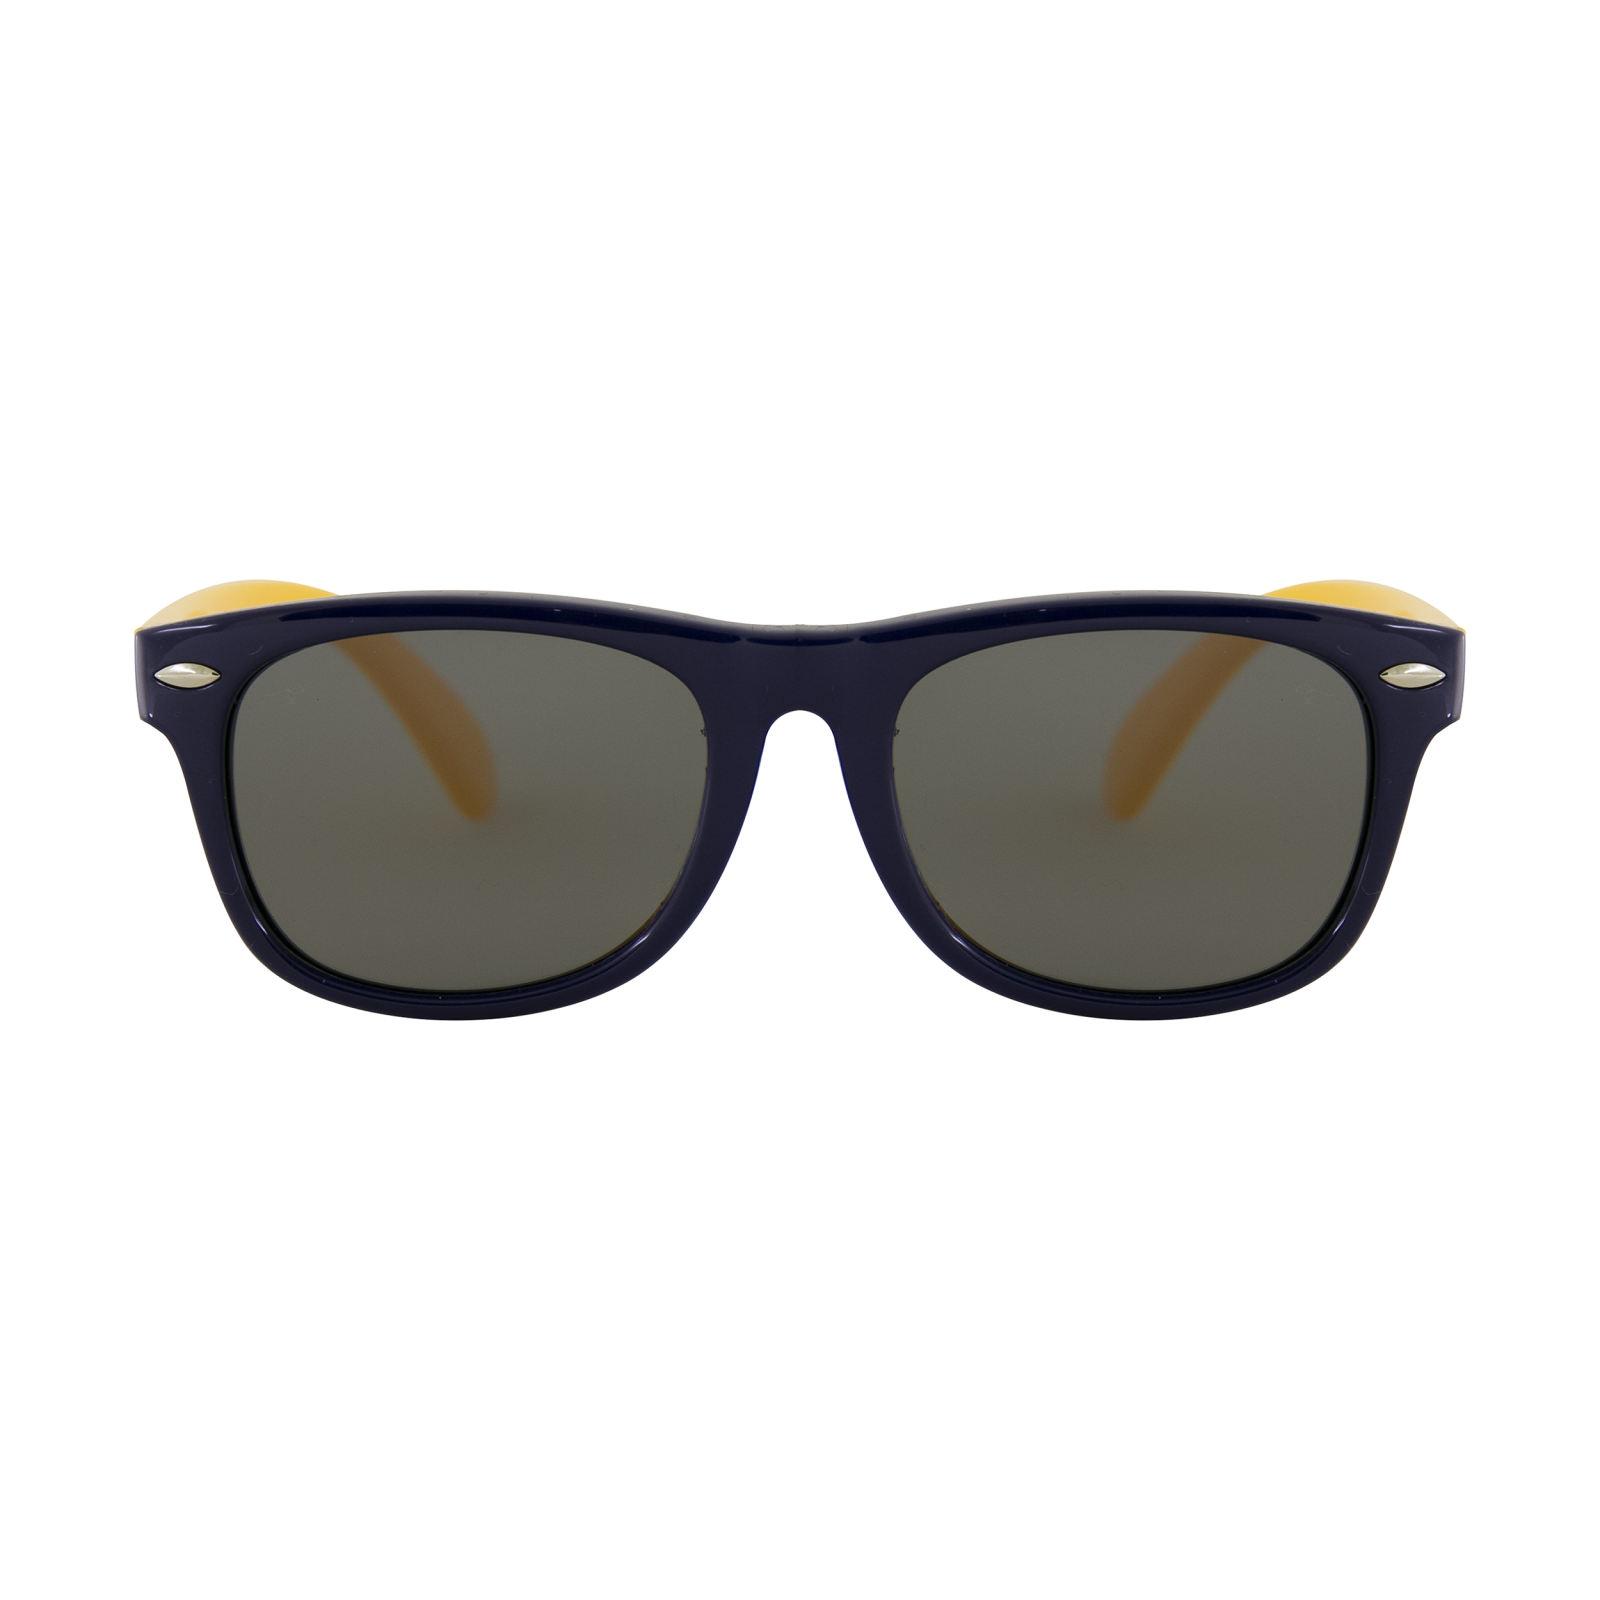 عینک آفتابی پسرانه مدل S802 -  - 2